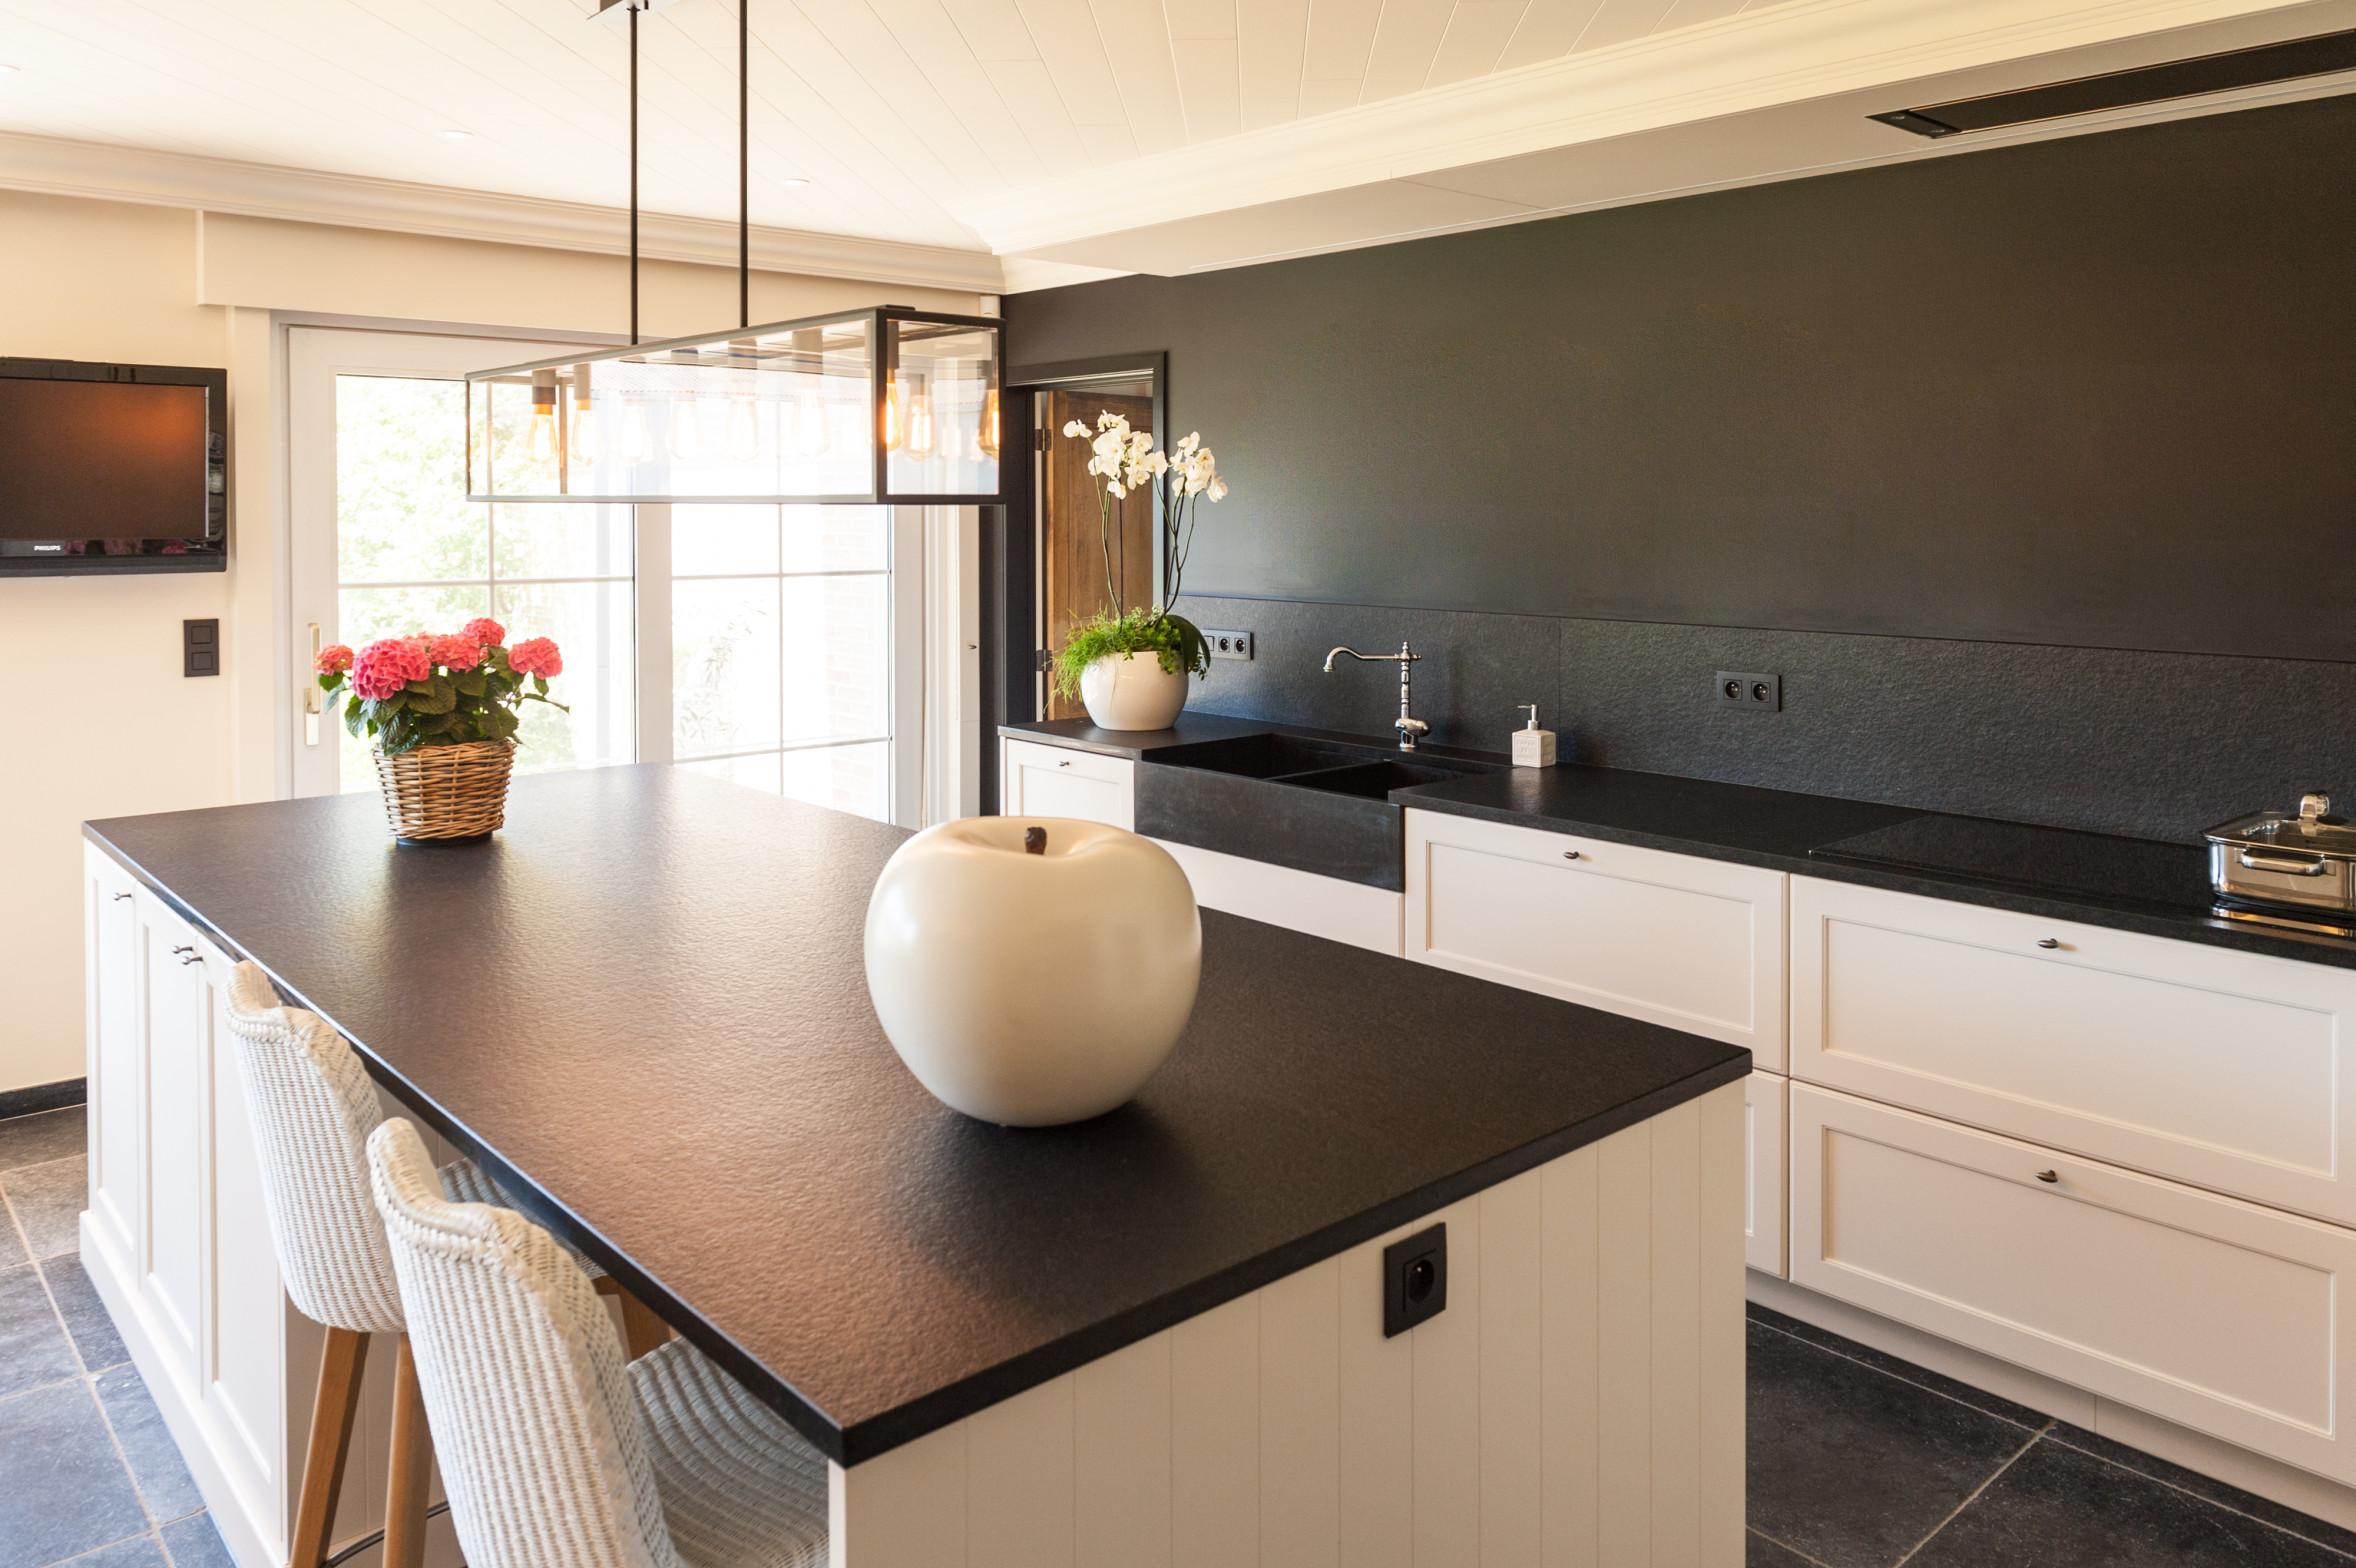 6 landelijke keuken lad graniet.jpg